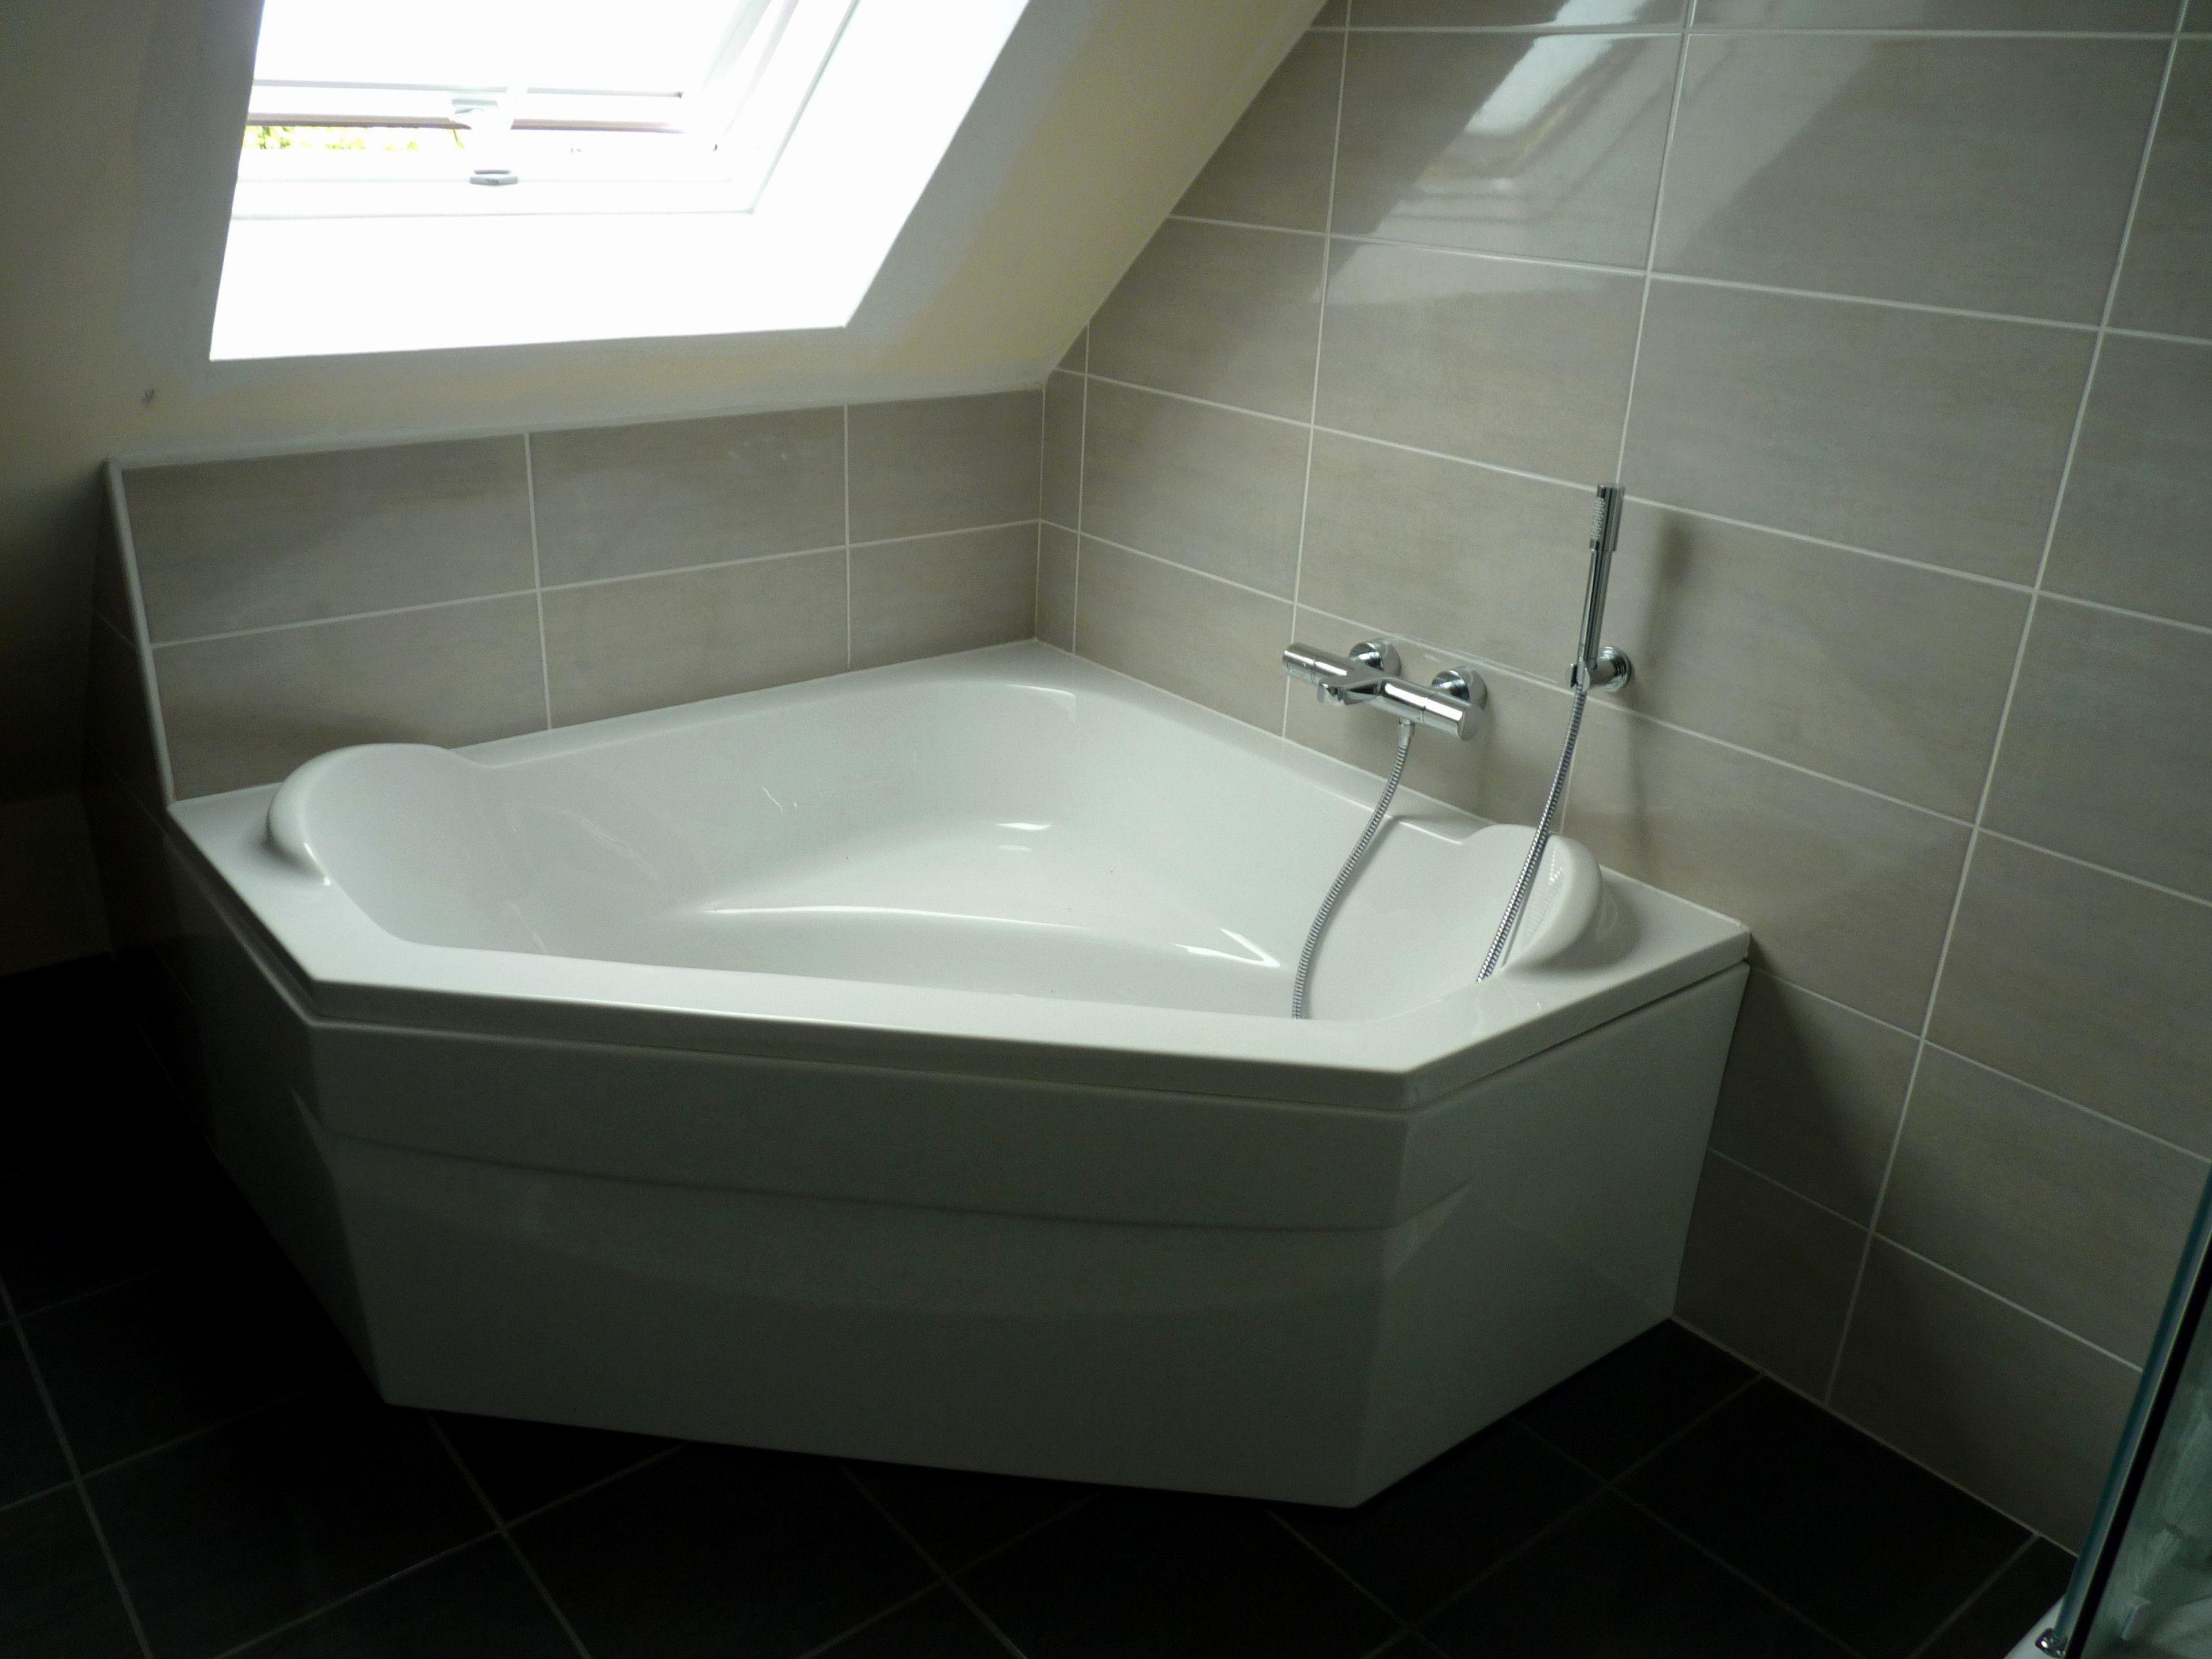 baignoire d angle 120x120 baignoire d